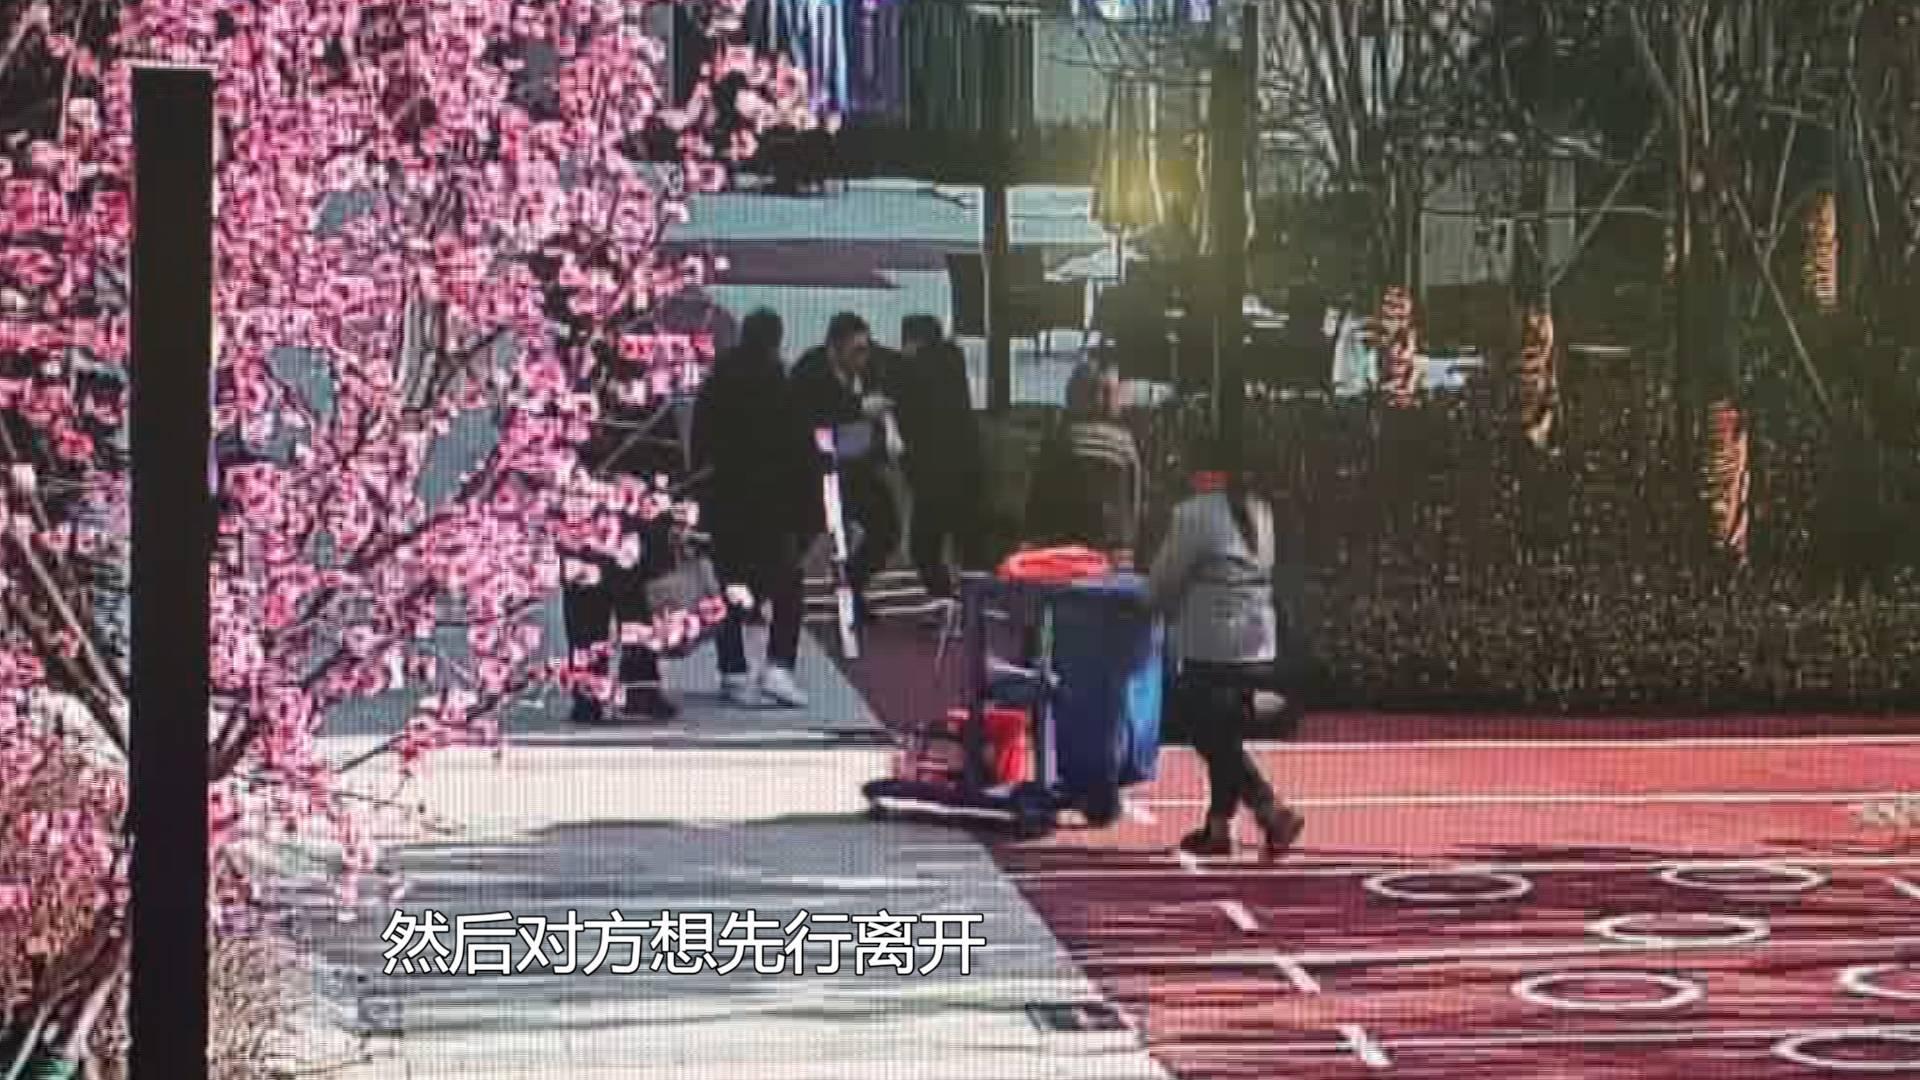 验房师在济南复星国际中心验房遭殴打致胸骨骨折 房企称对方先动手